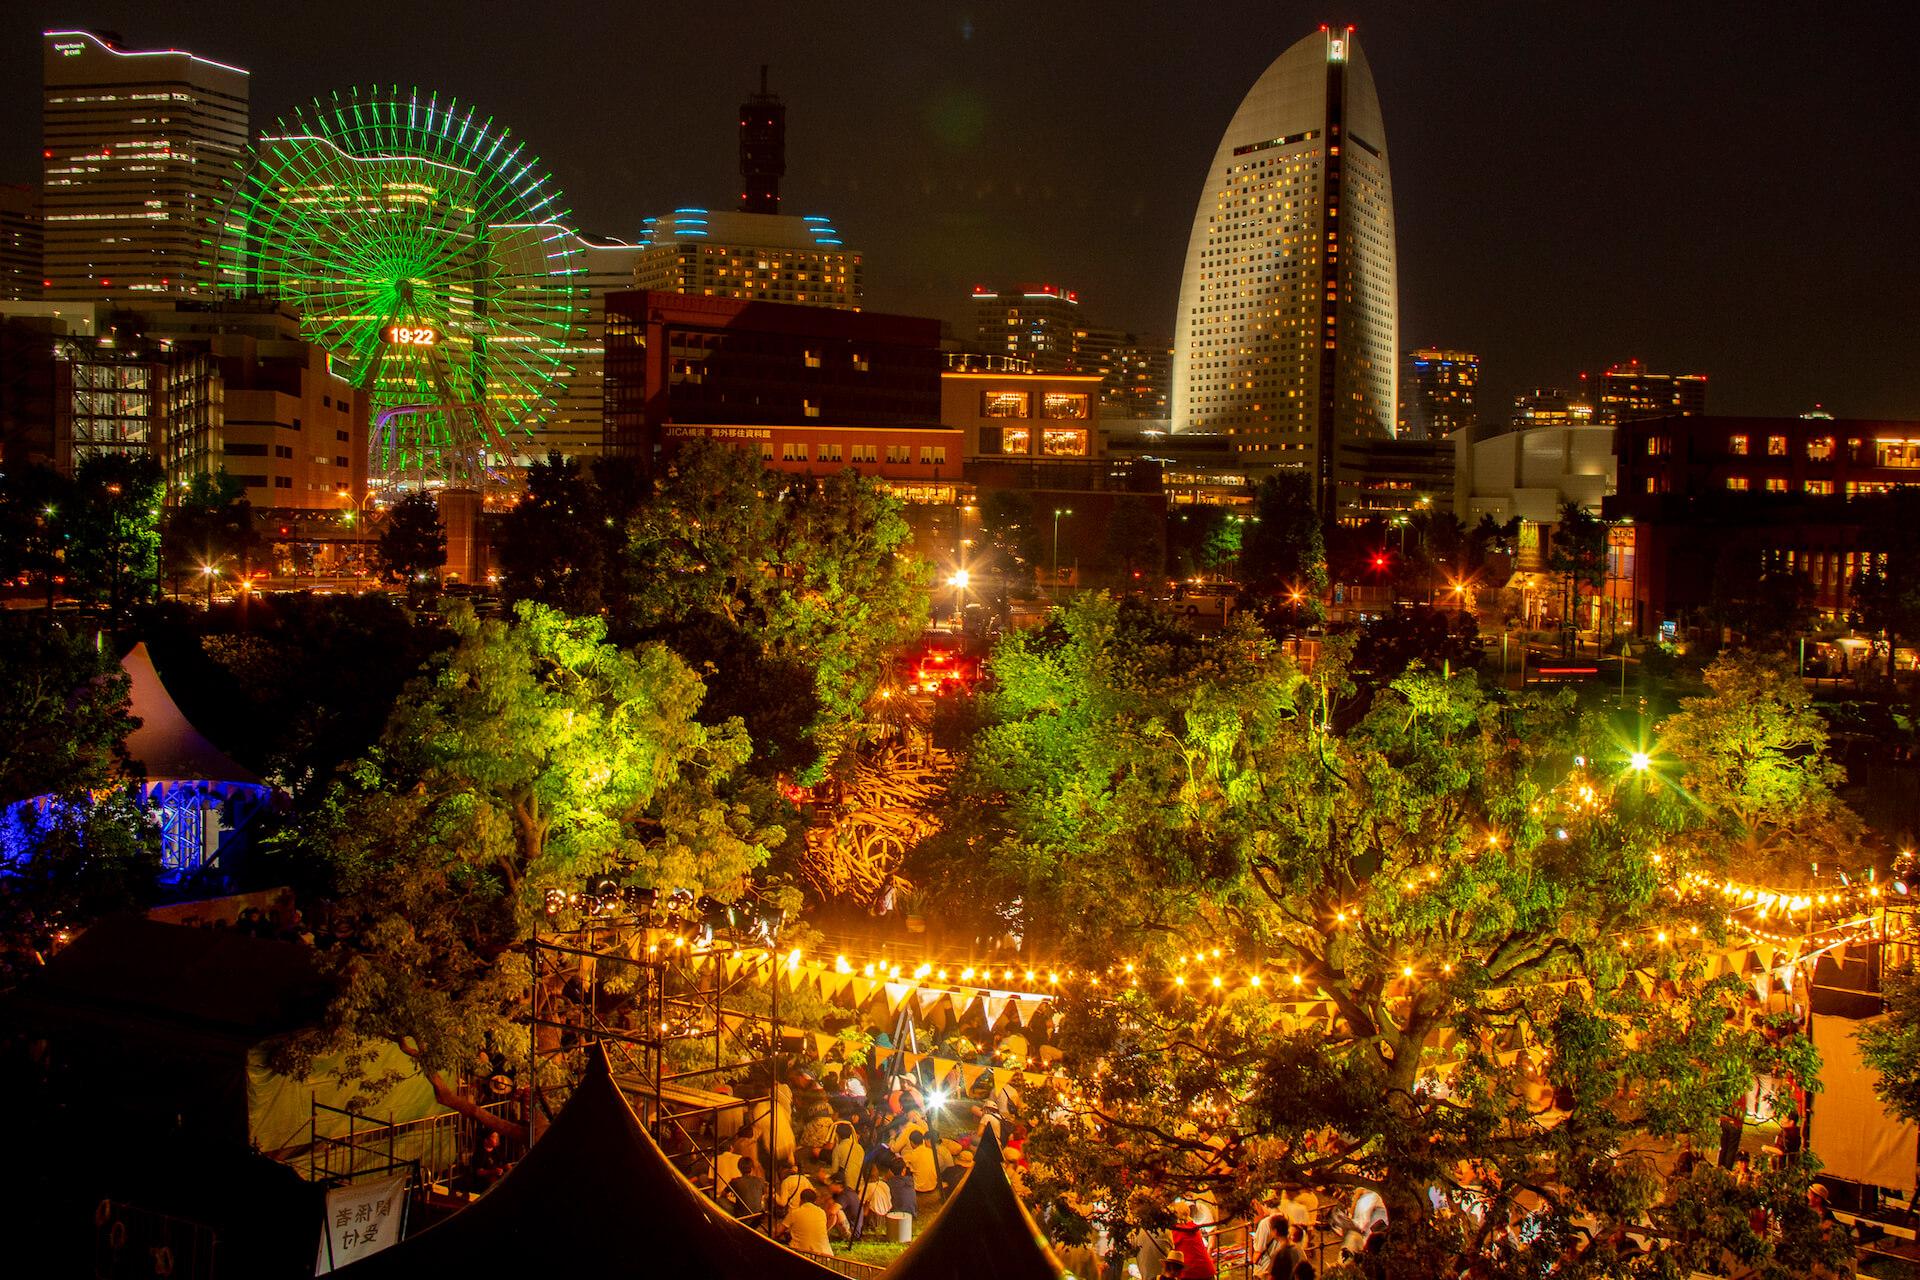 15周年「GREENROOM FESTIVAL」の魅力徹底解剖|楽しみ方とおすすめアーティスト紹介 greenroomfestival2019-7